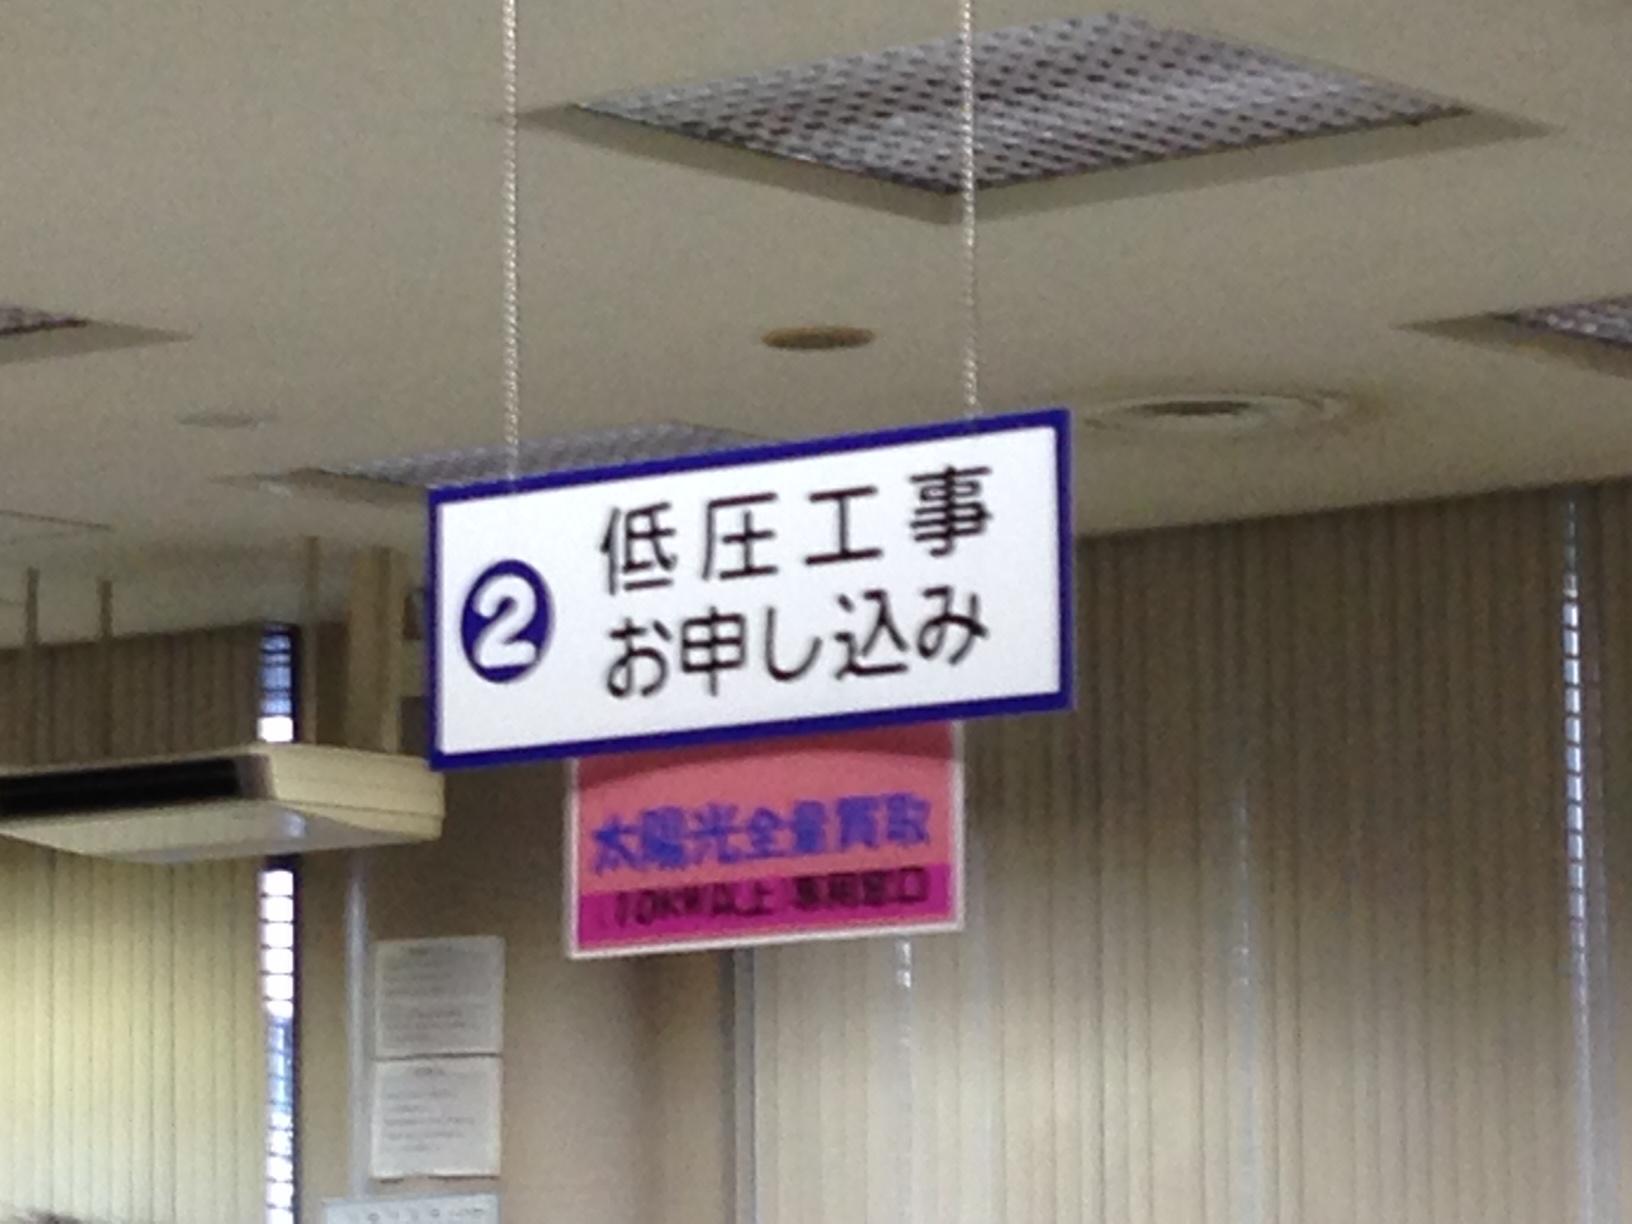 2時間の待ちぼうけ_a0326106_8381261.jpg